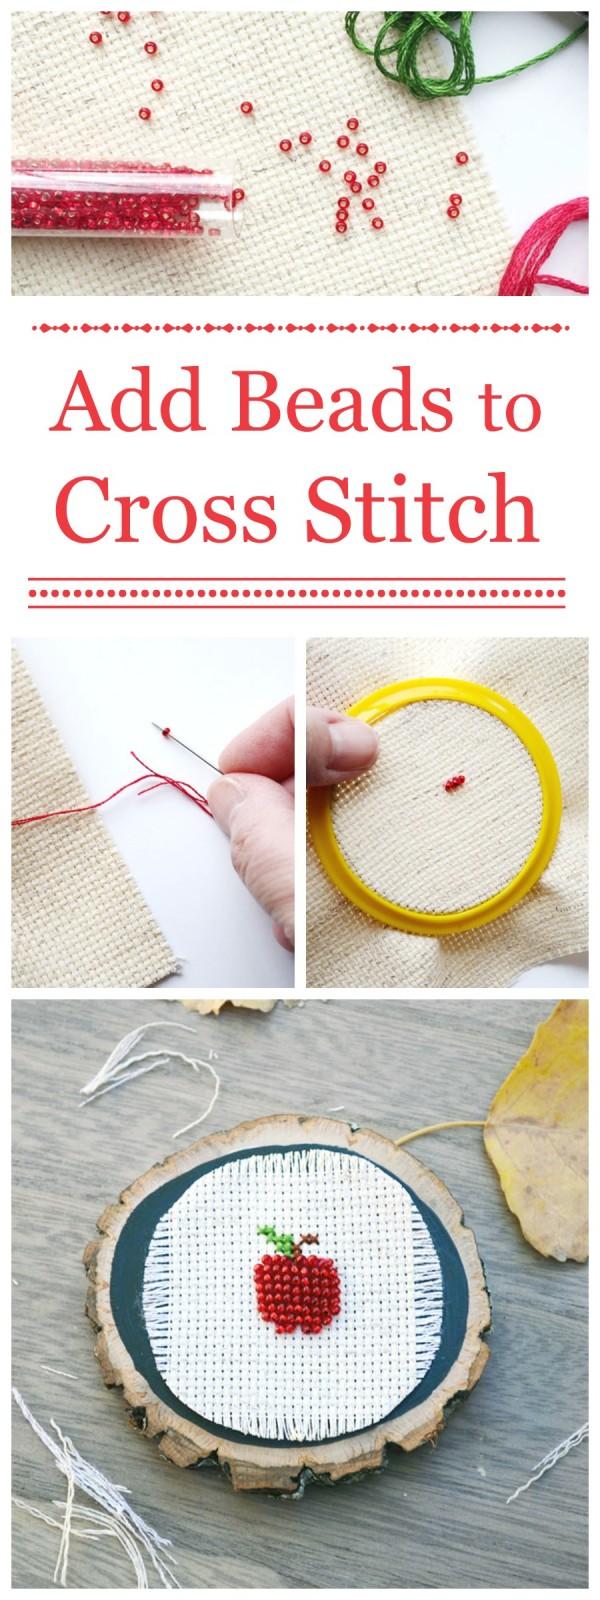 Add Beads to Cross-Stitch | Storypiece.net